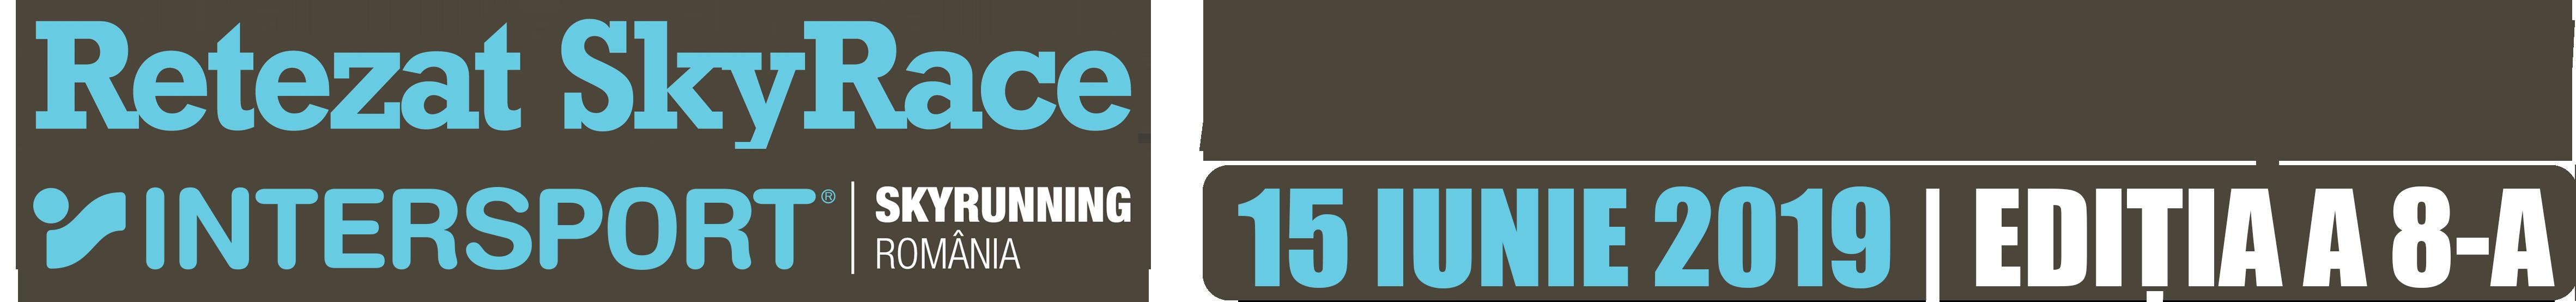 Rsr logo 2019